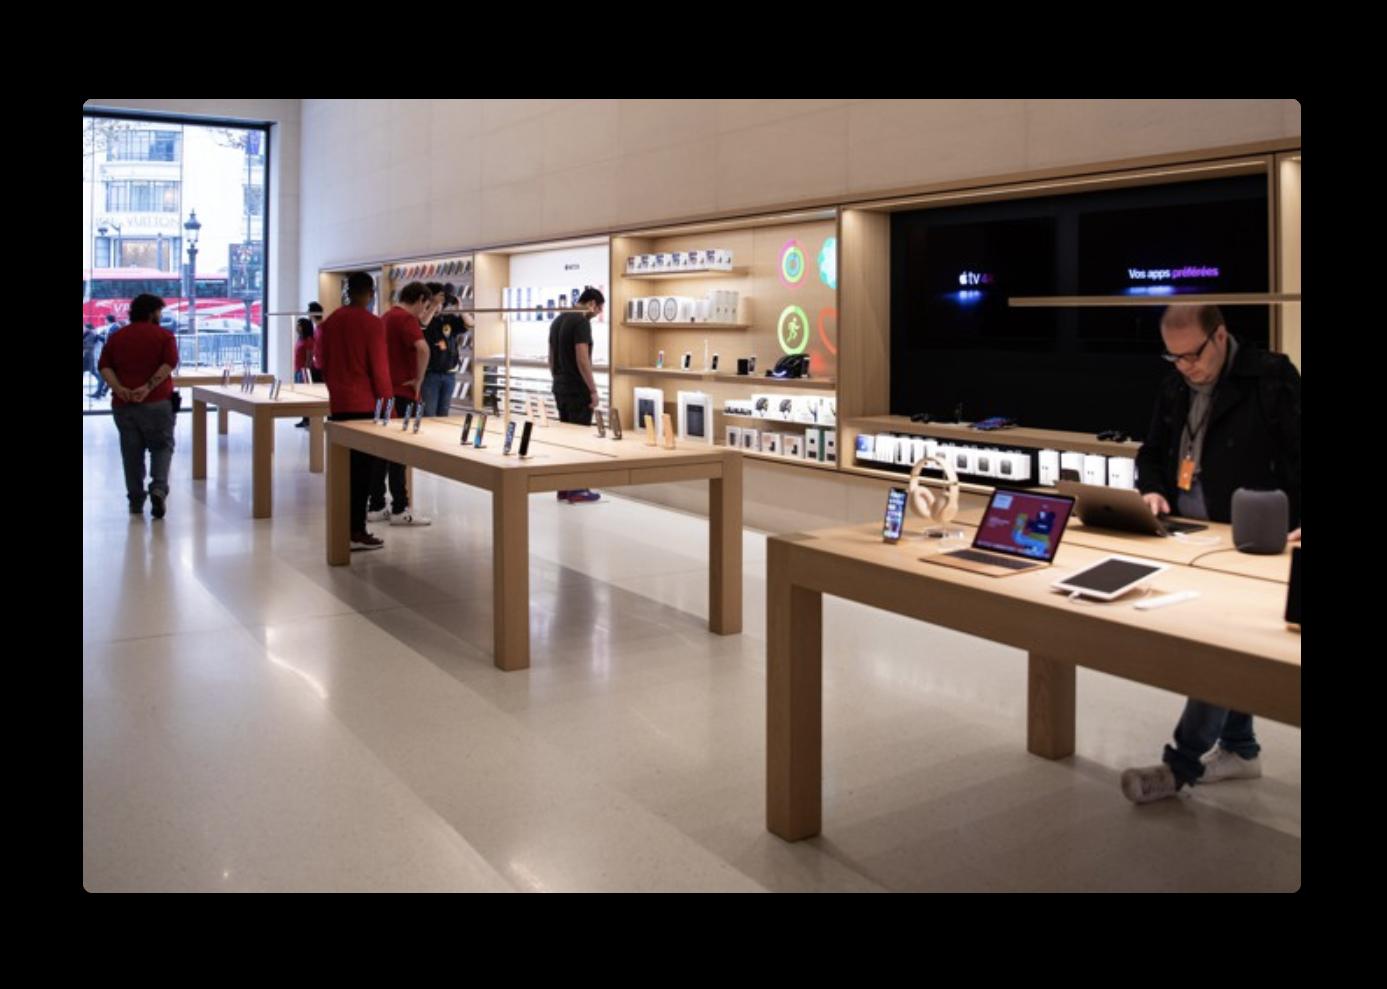 元Genius Bar Expertが、古いiPhone所有者に対するAppleの積極的な販売ポリシーを説明